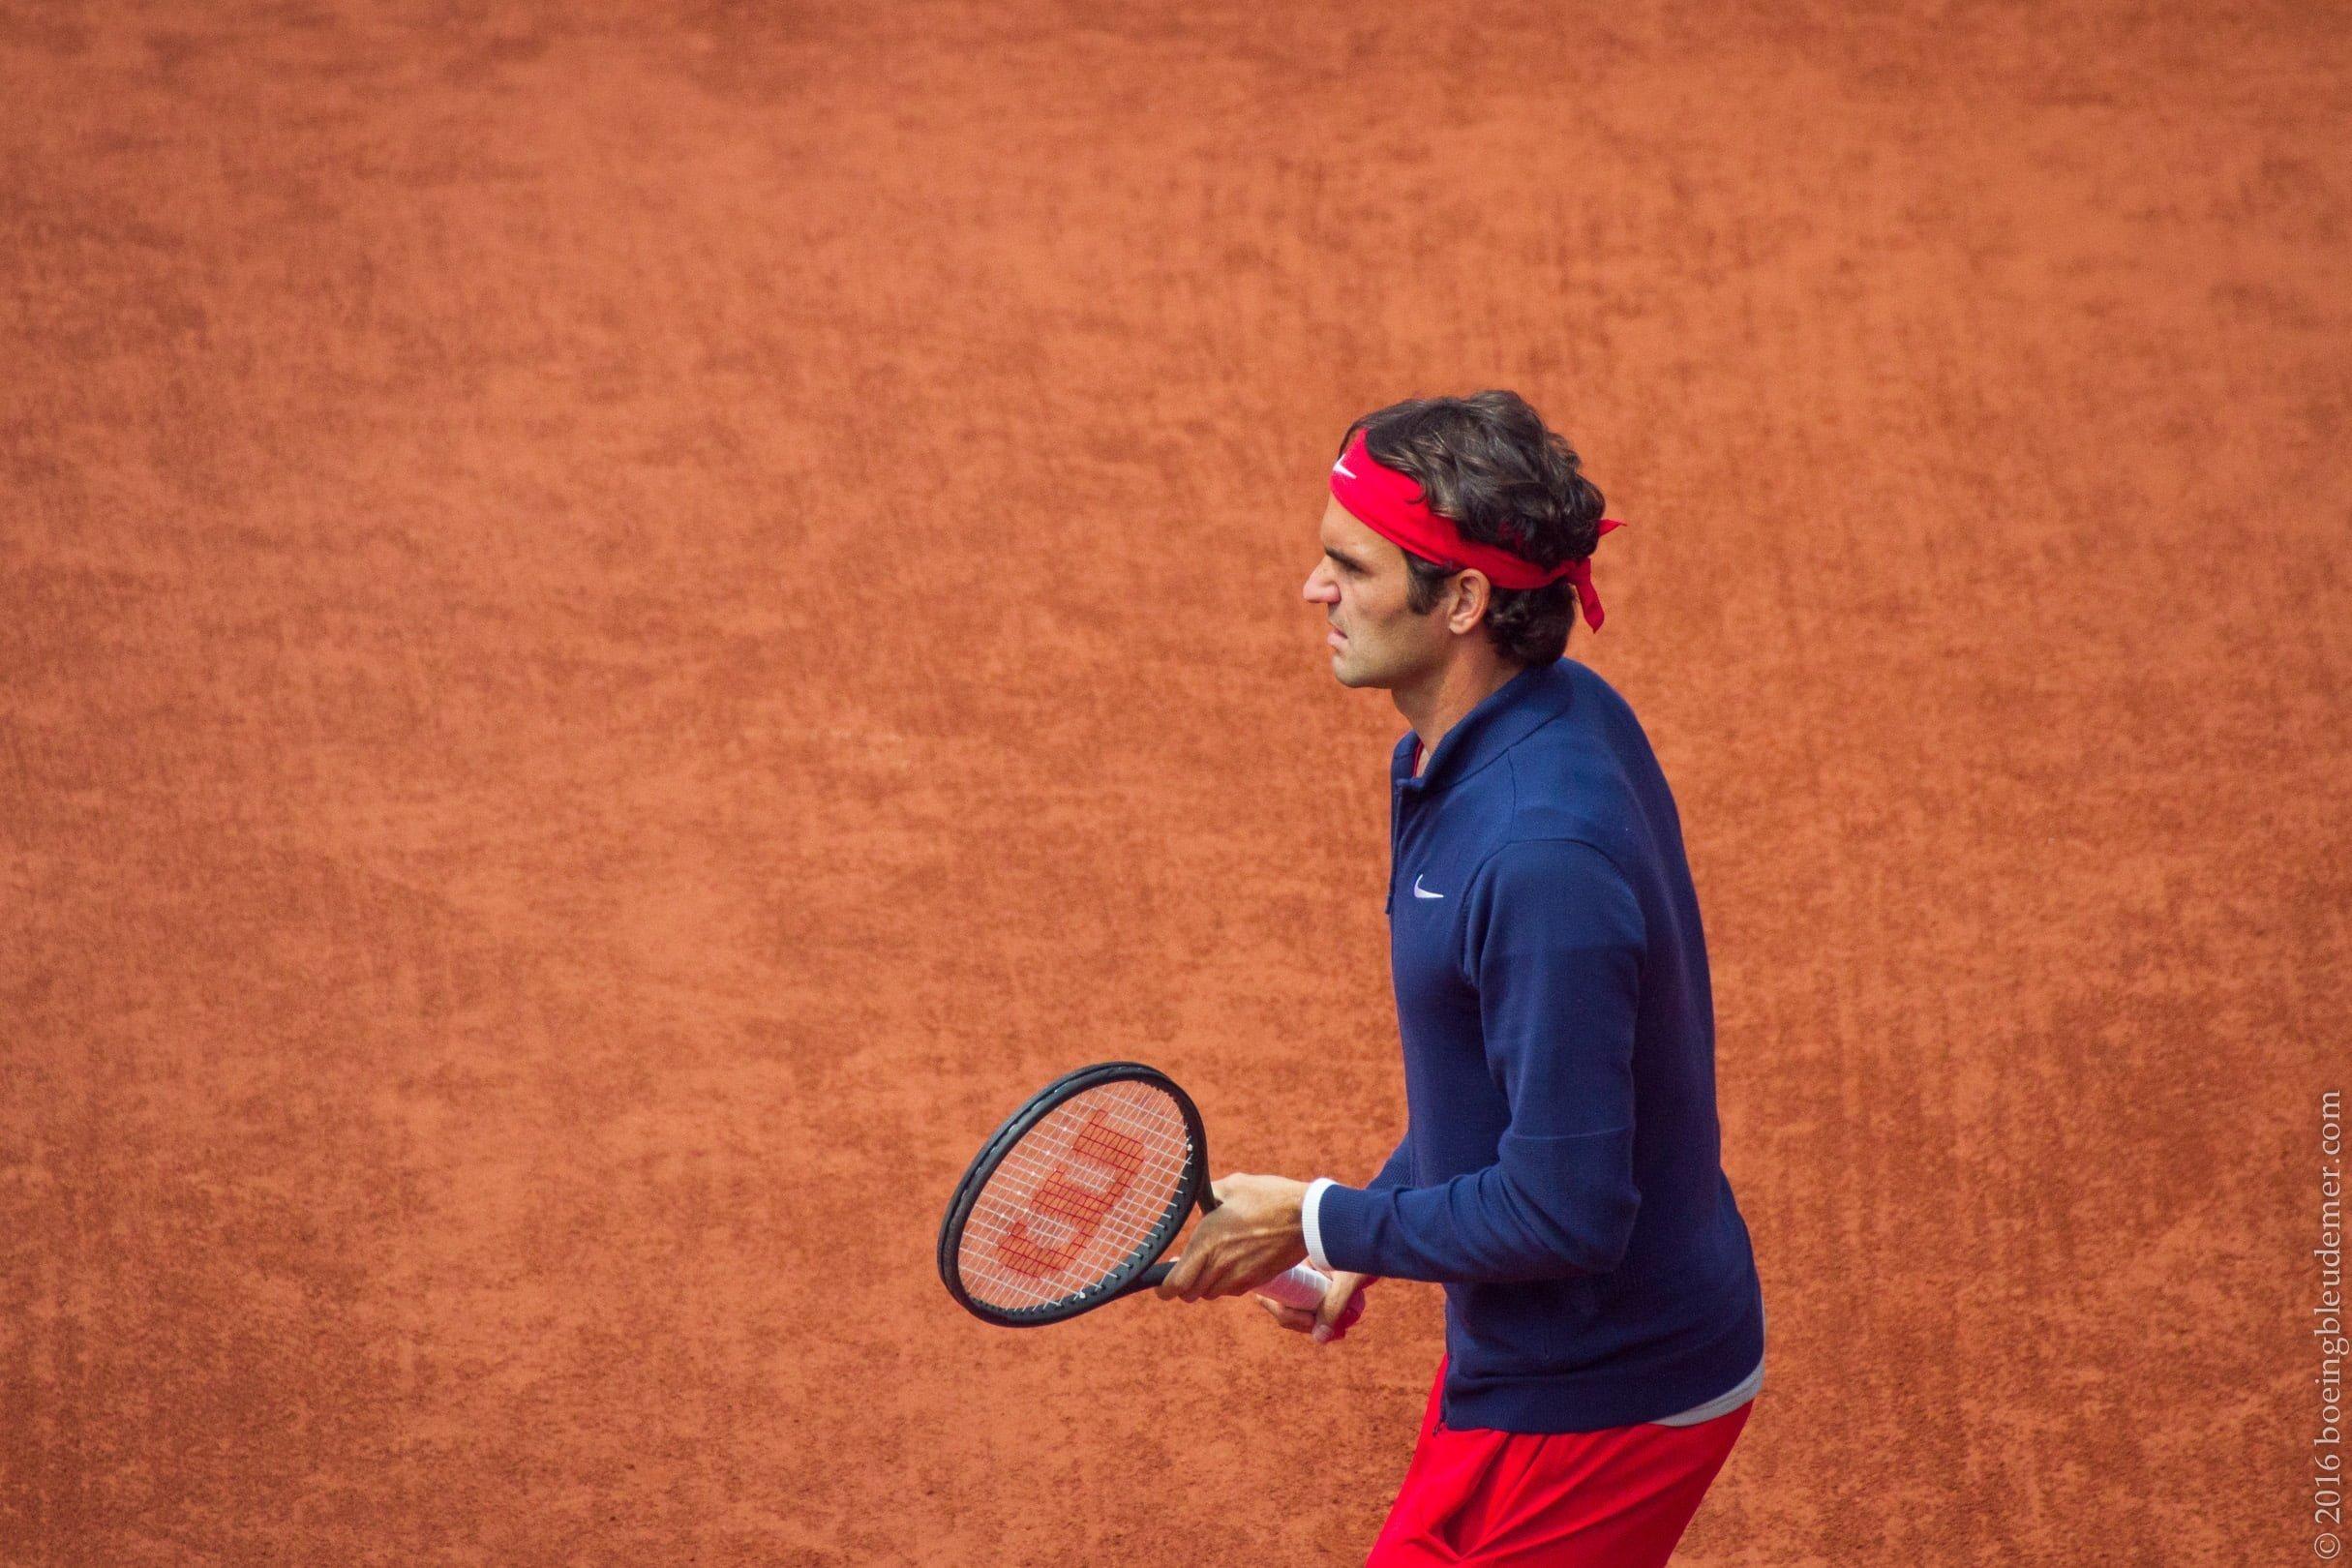 Roland Garros: Roger Federer